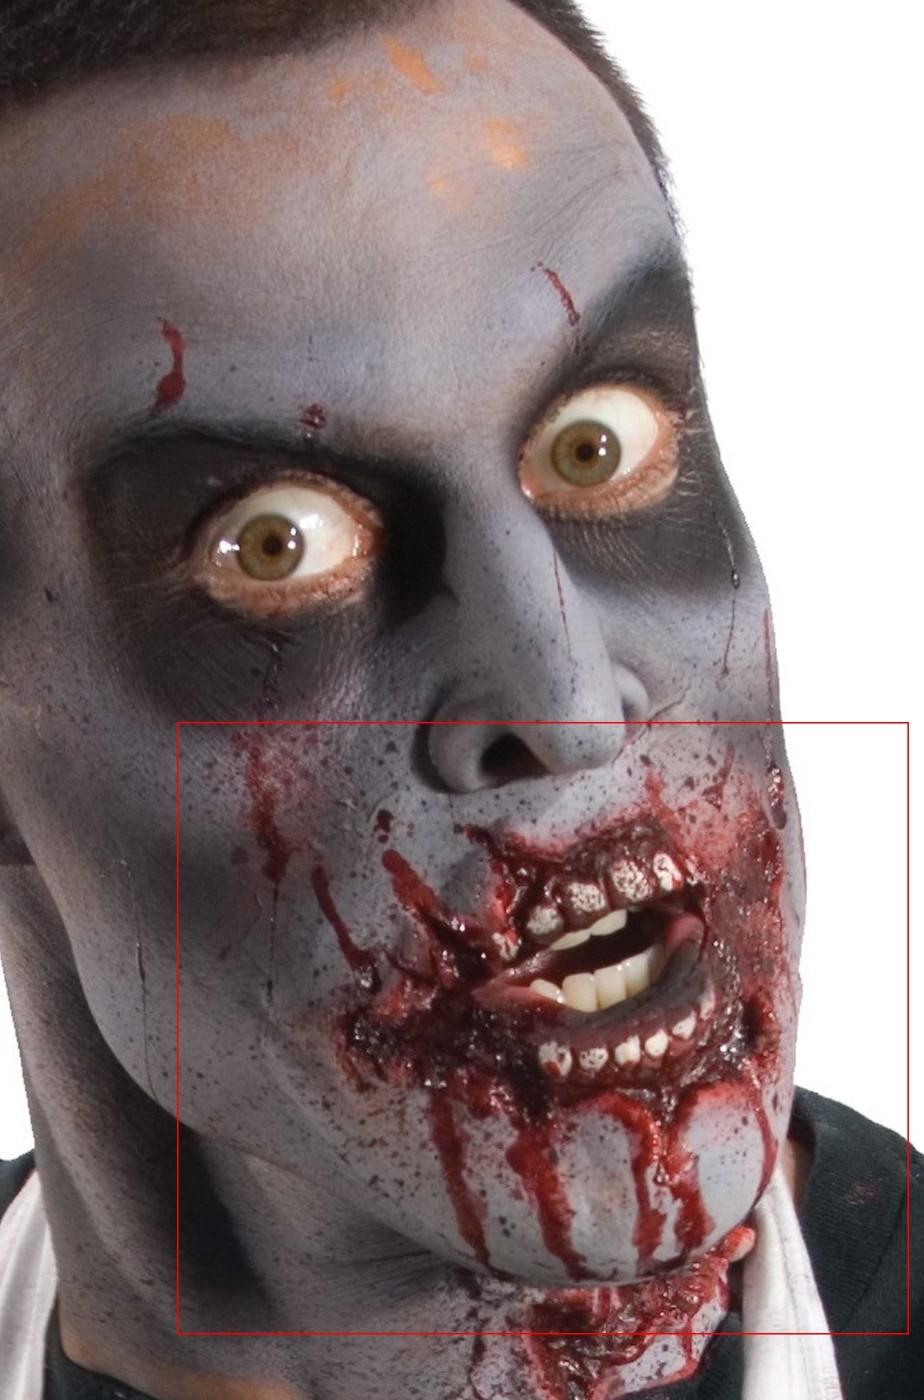 FX Maschera in lattice bocca horror Zombie con denti